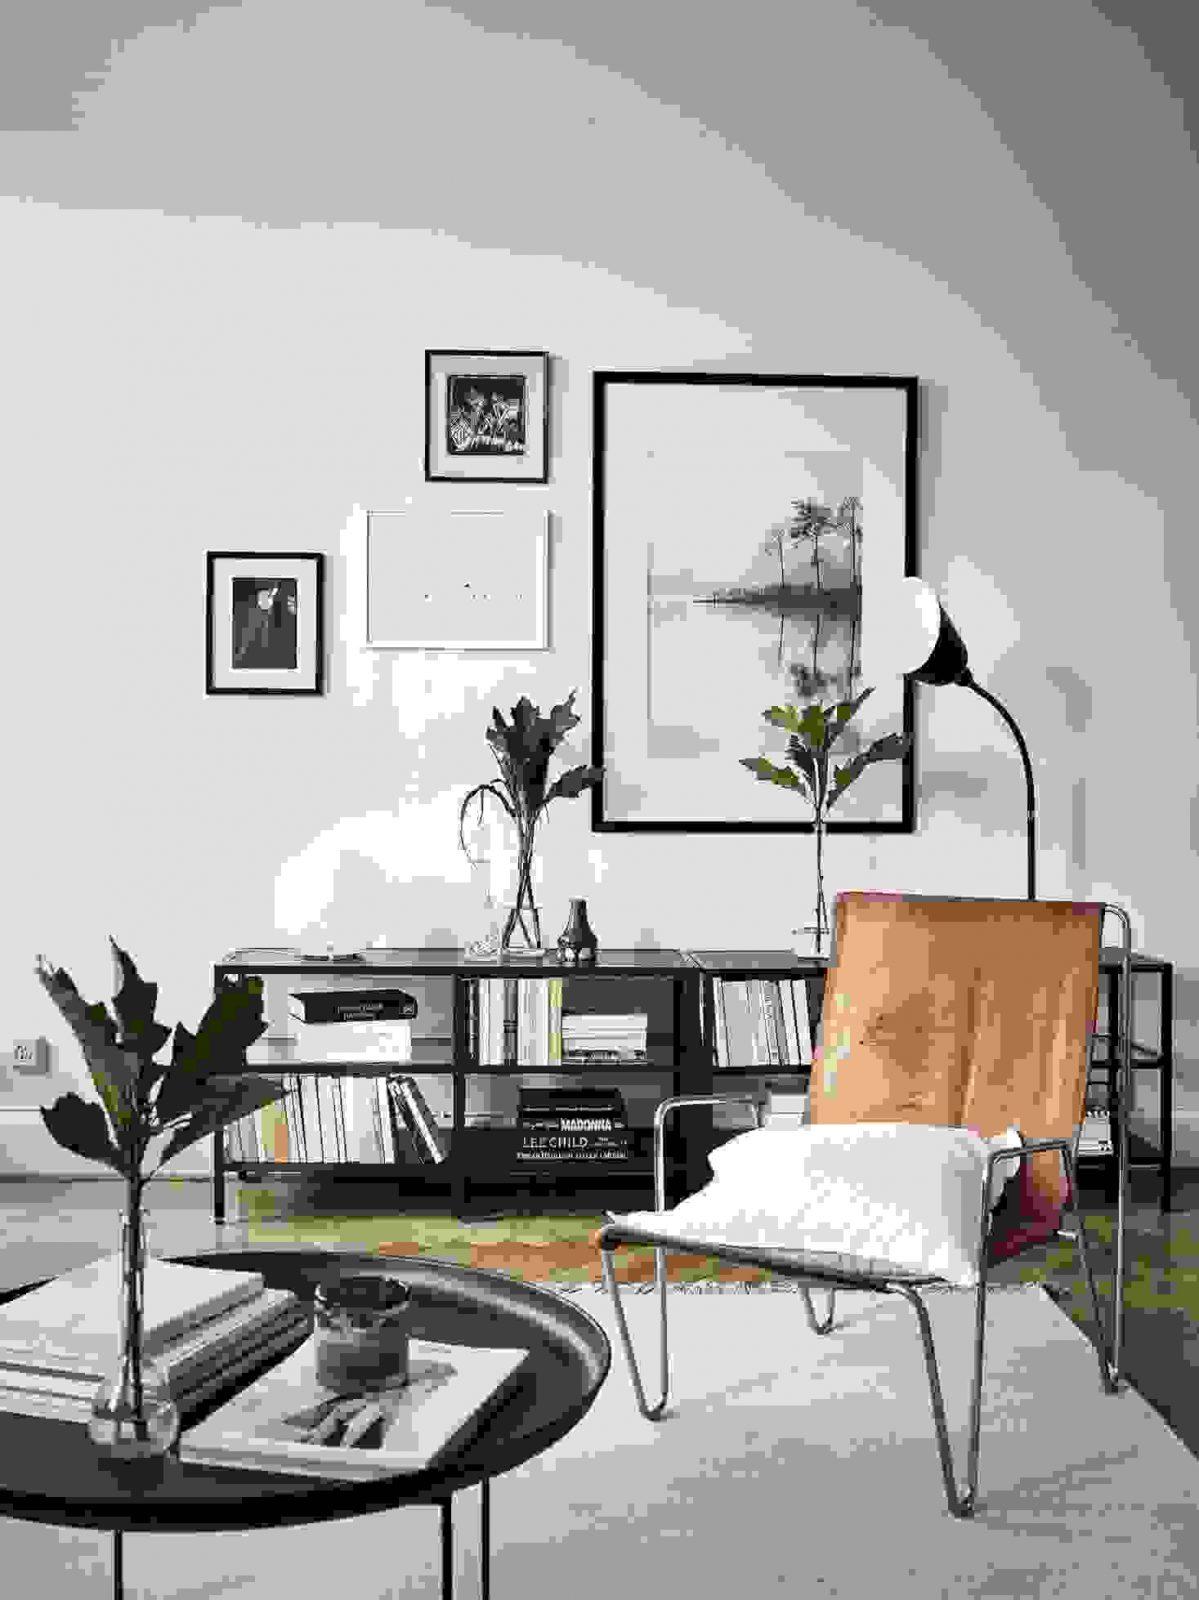 An Die Wand Lilaliv Avec Fotos An Wand Anordnen Et 9 0 Fotos An Avec von Bilder An Die Wand Bild